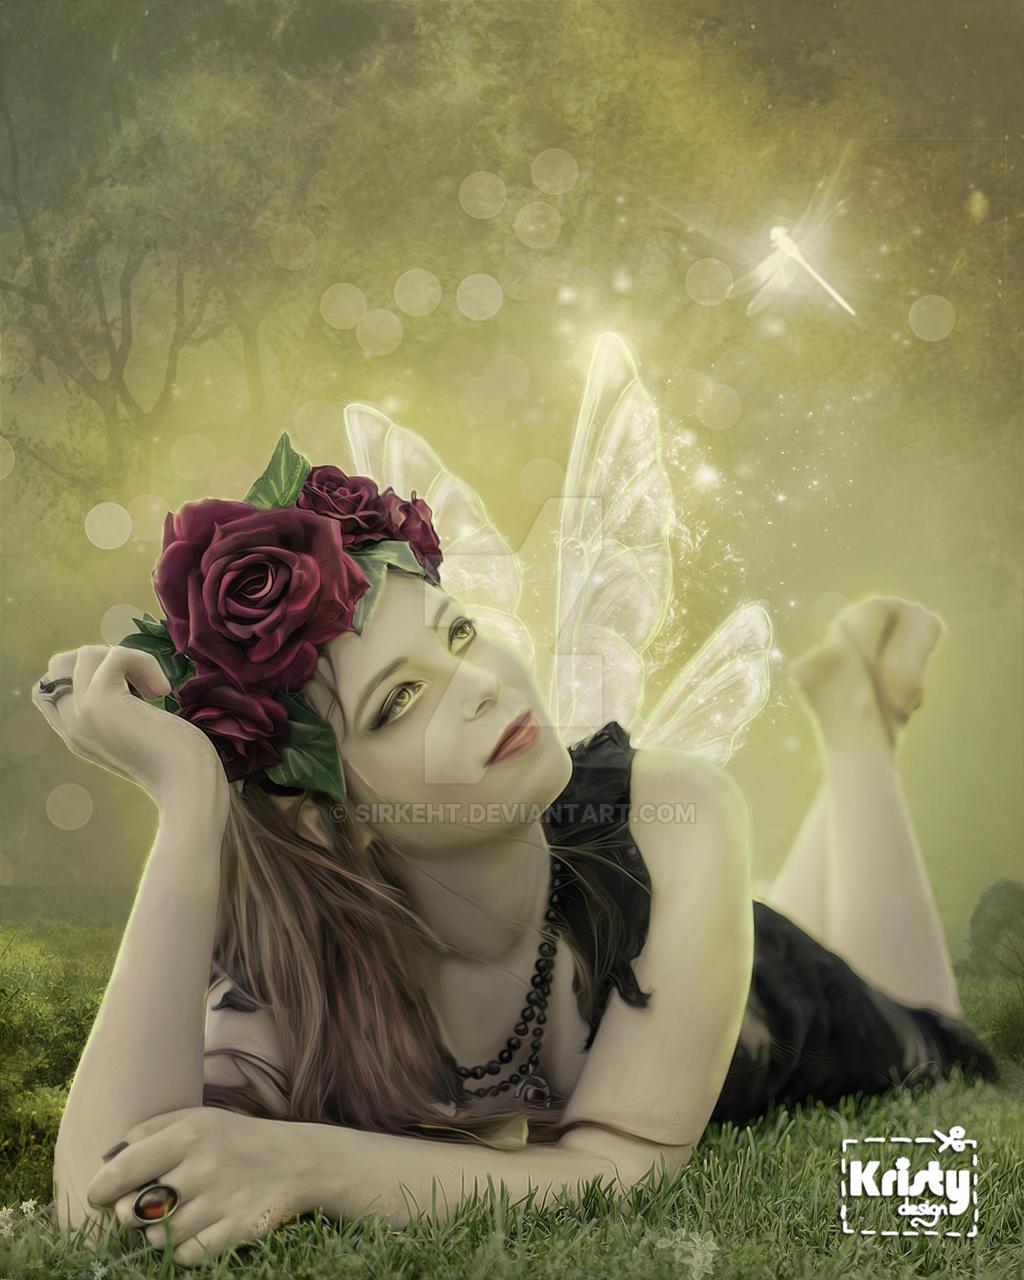 Pensamientos magicos by sirkeht